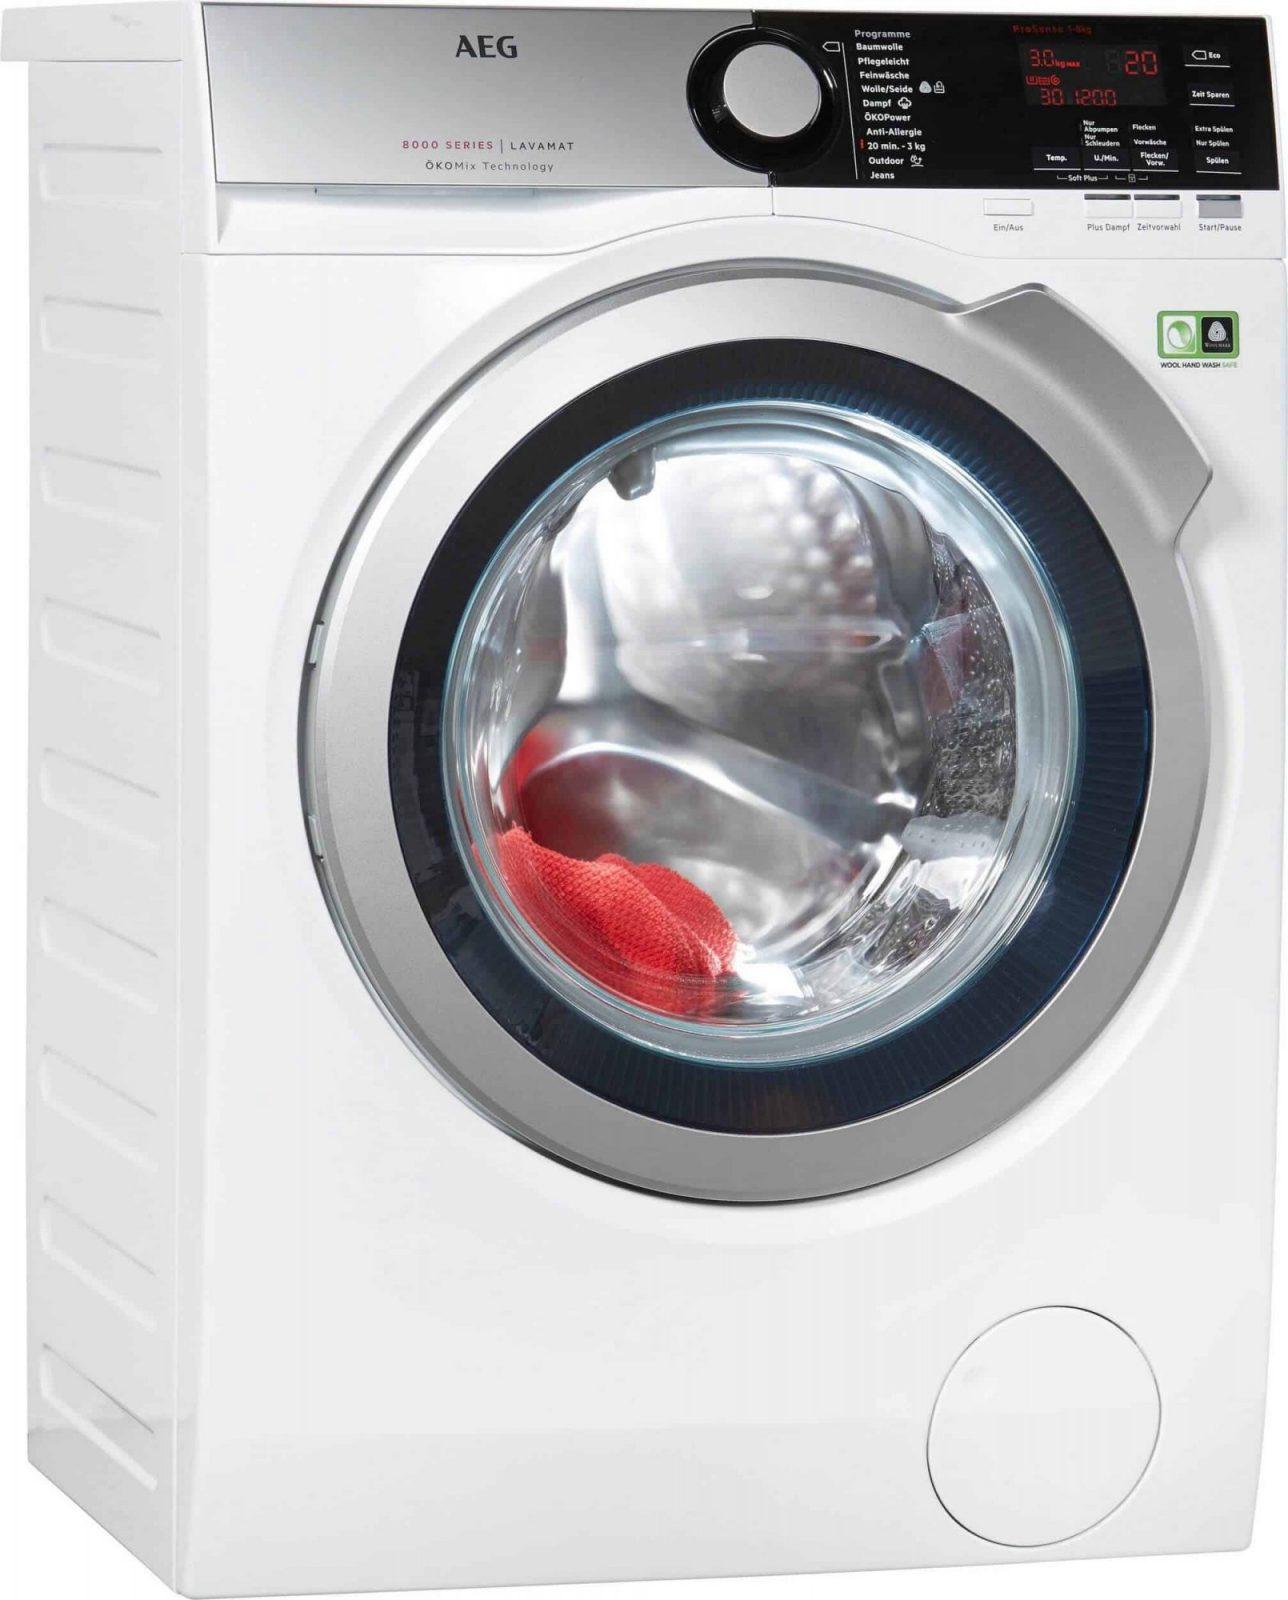 Aeg L7Fe48Pros Waschmaschine Im Test 022019 von Beko Wmb 71443 Pte Stiftung Warentest Photo